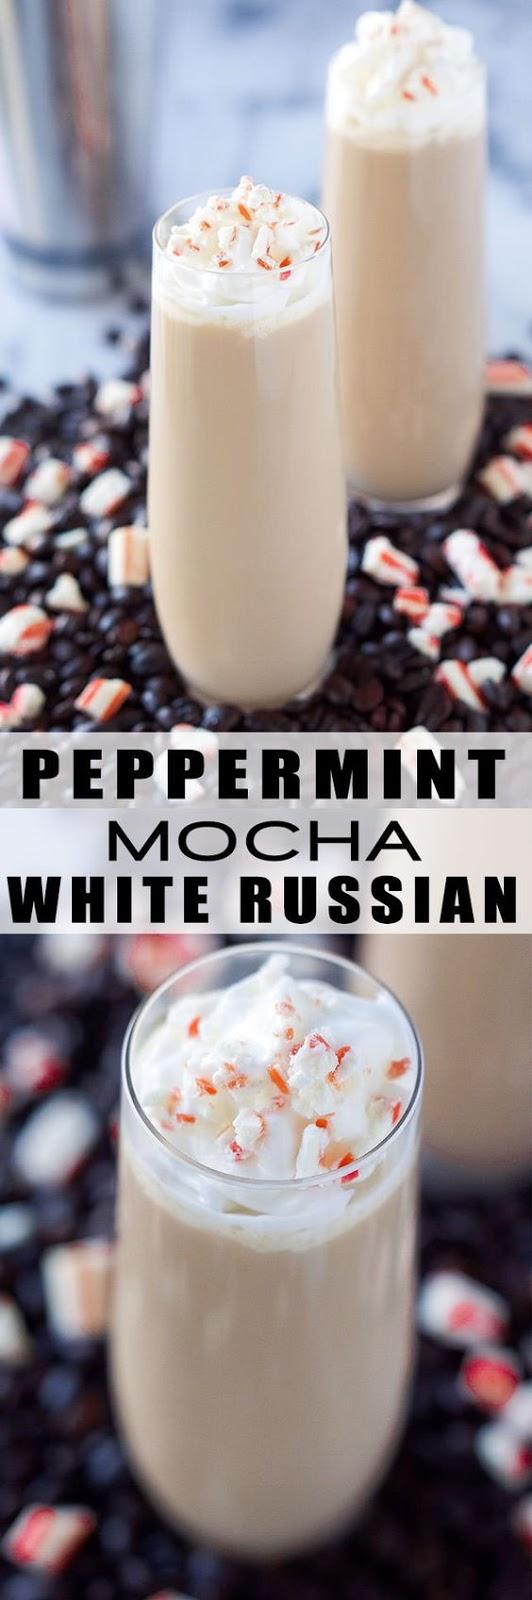 Peppermint Mocha White Russian